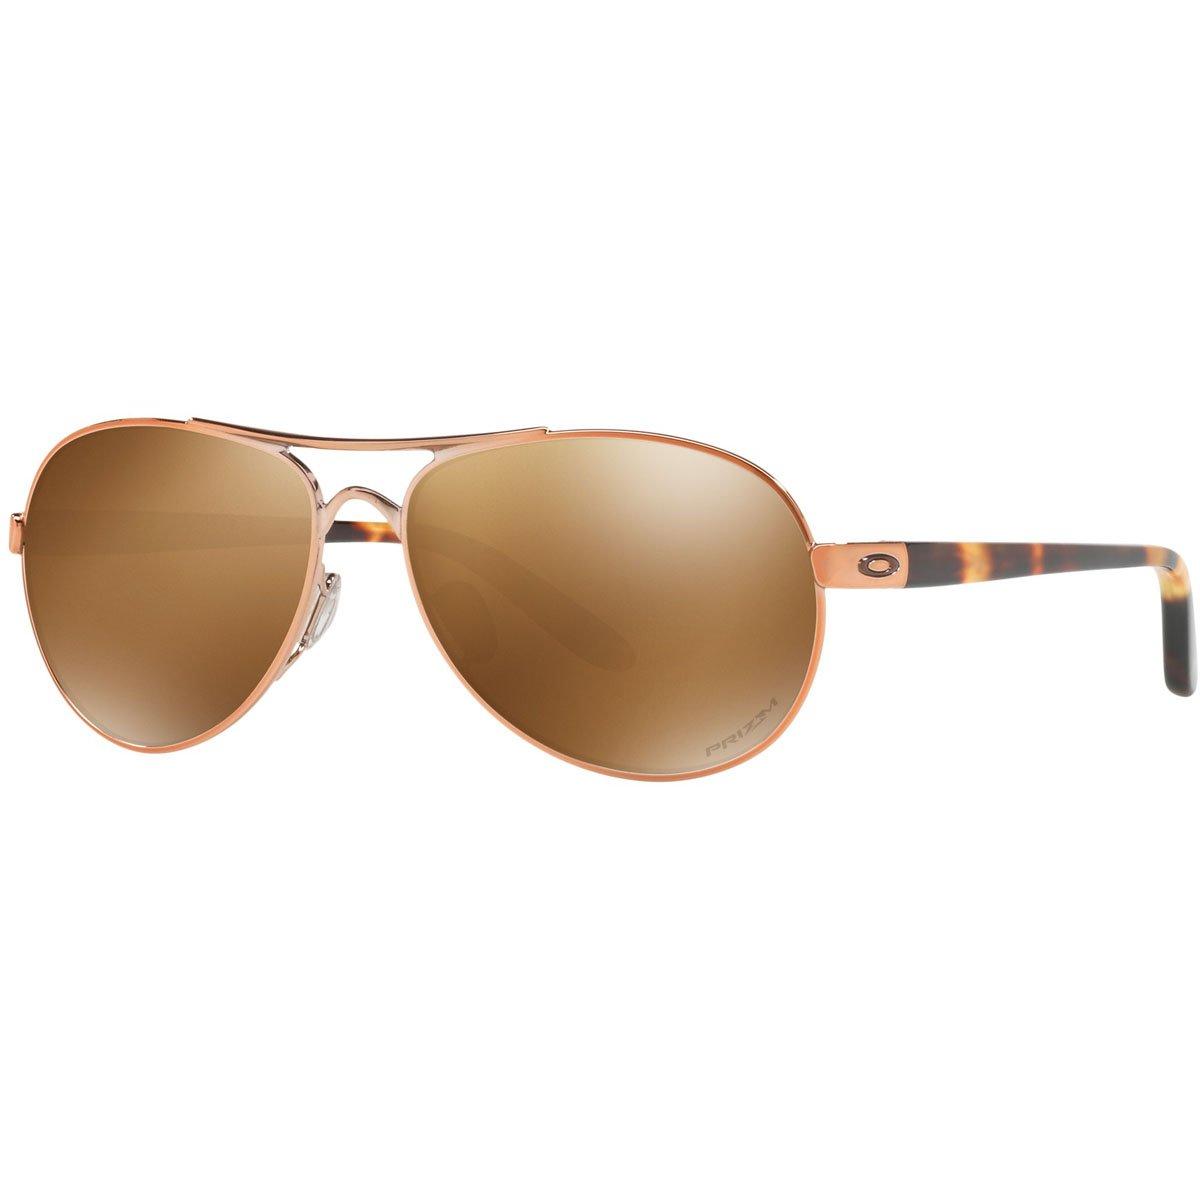 Oakley Women's OO4108 Tie Breaker Aviator Metal Sunglasses, Rose Gold/Prizm Tungsten Polarized, 56 mm by Oakley